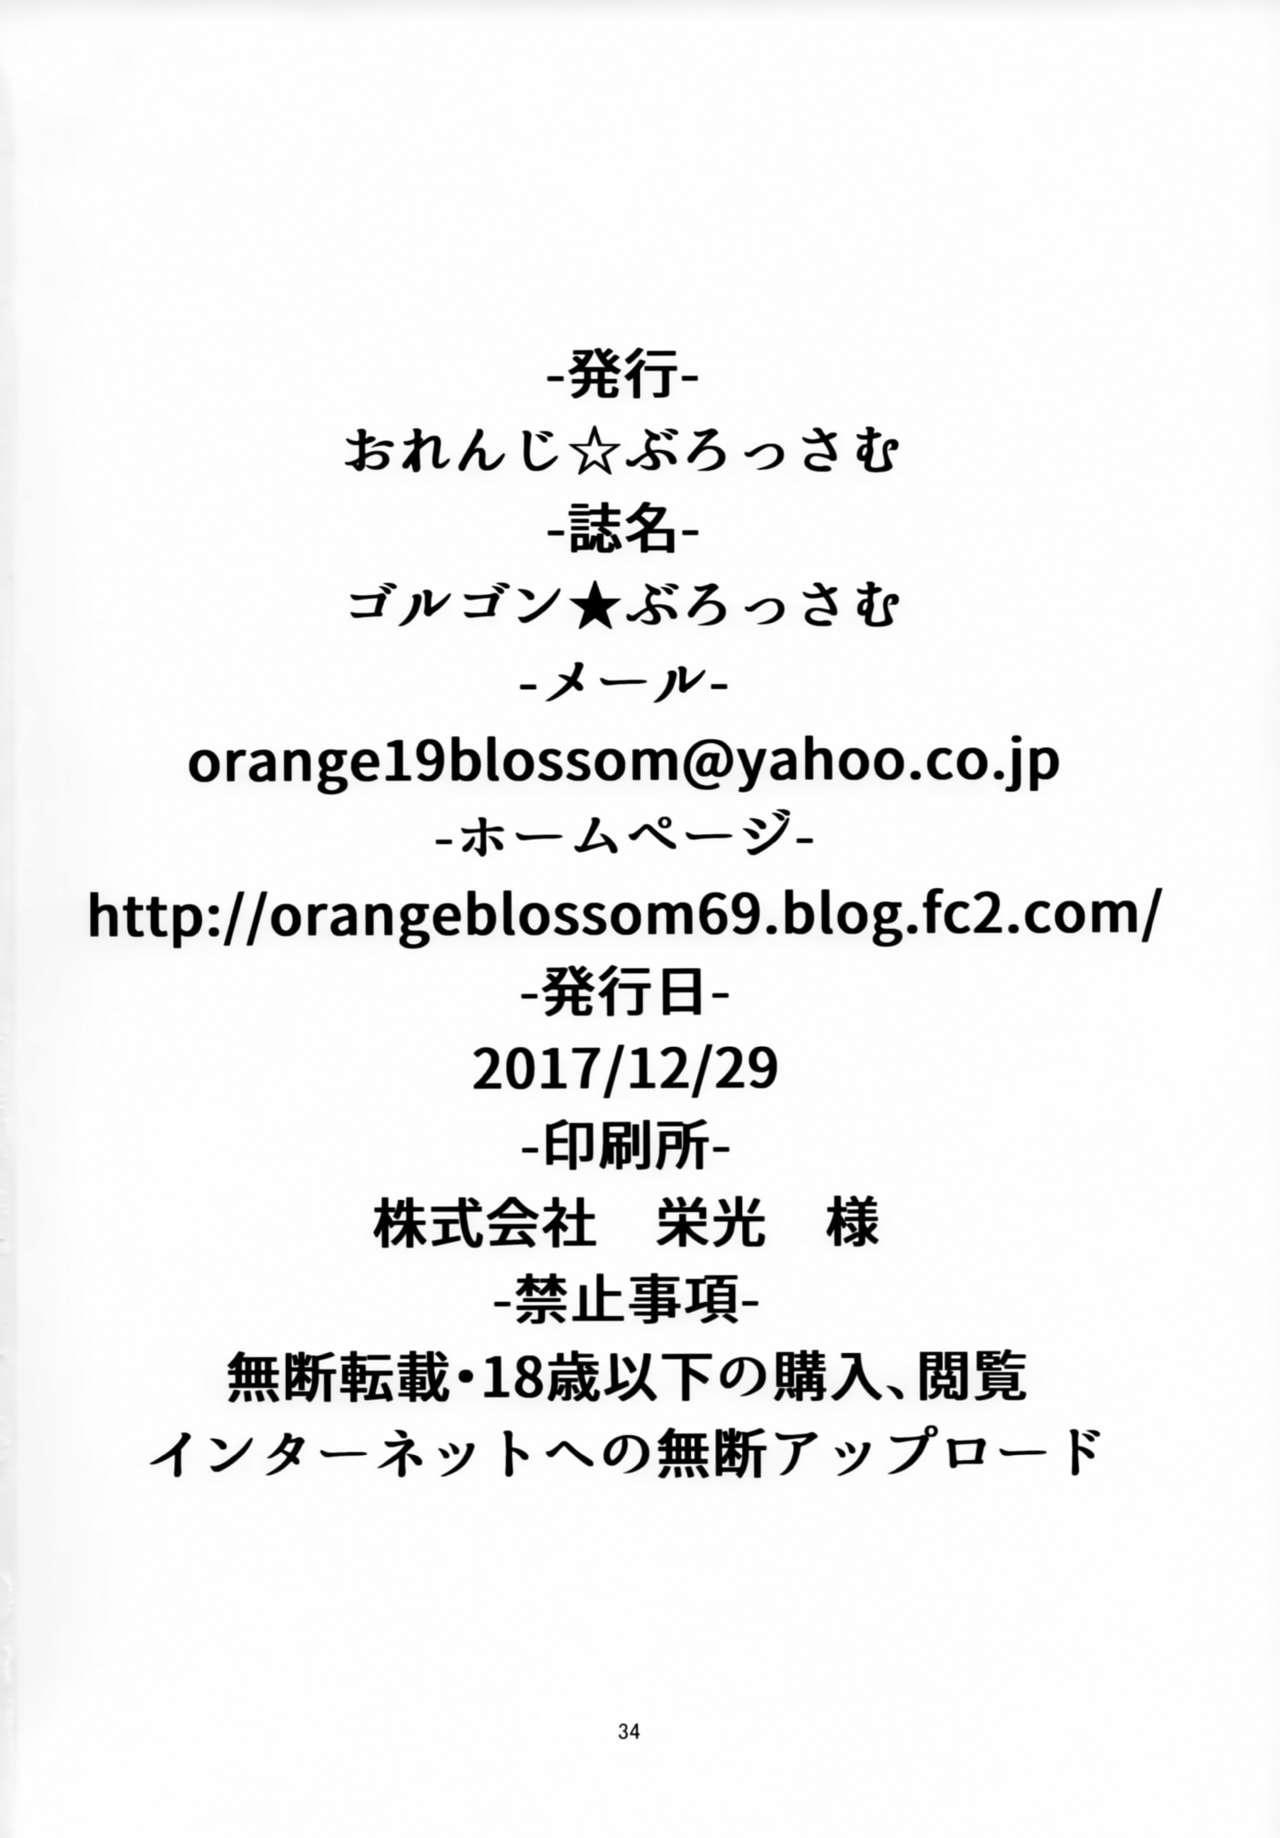 Gorgon Blossom 18